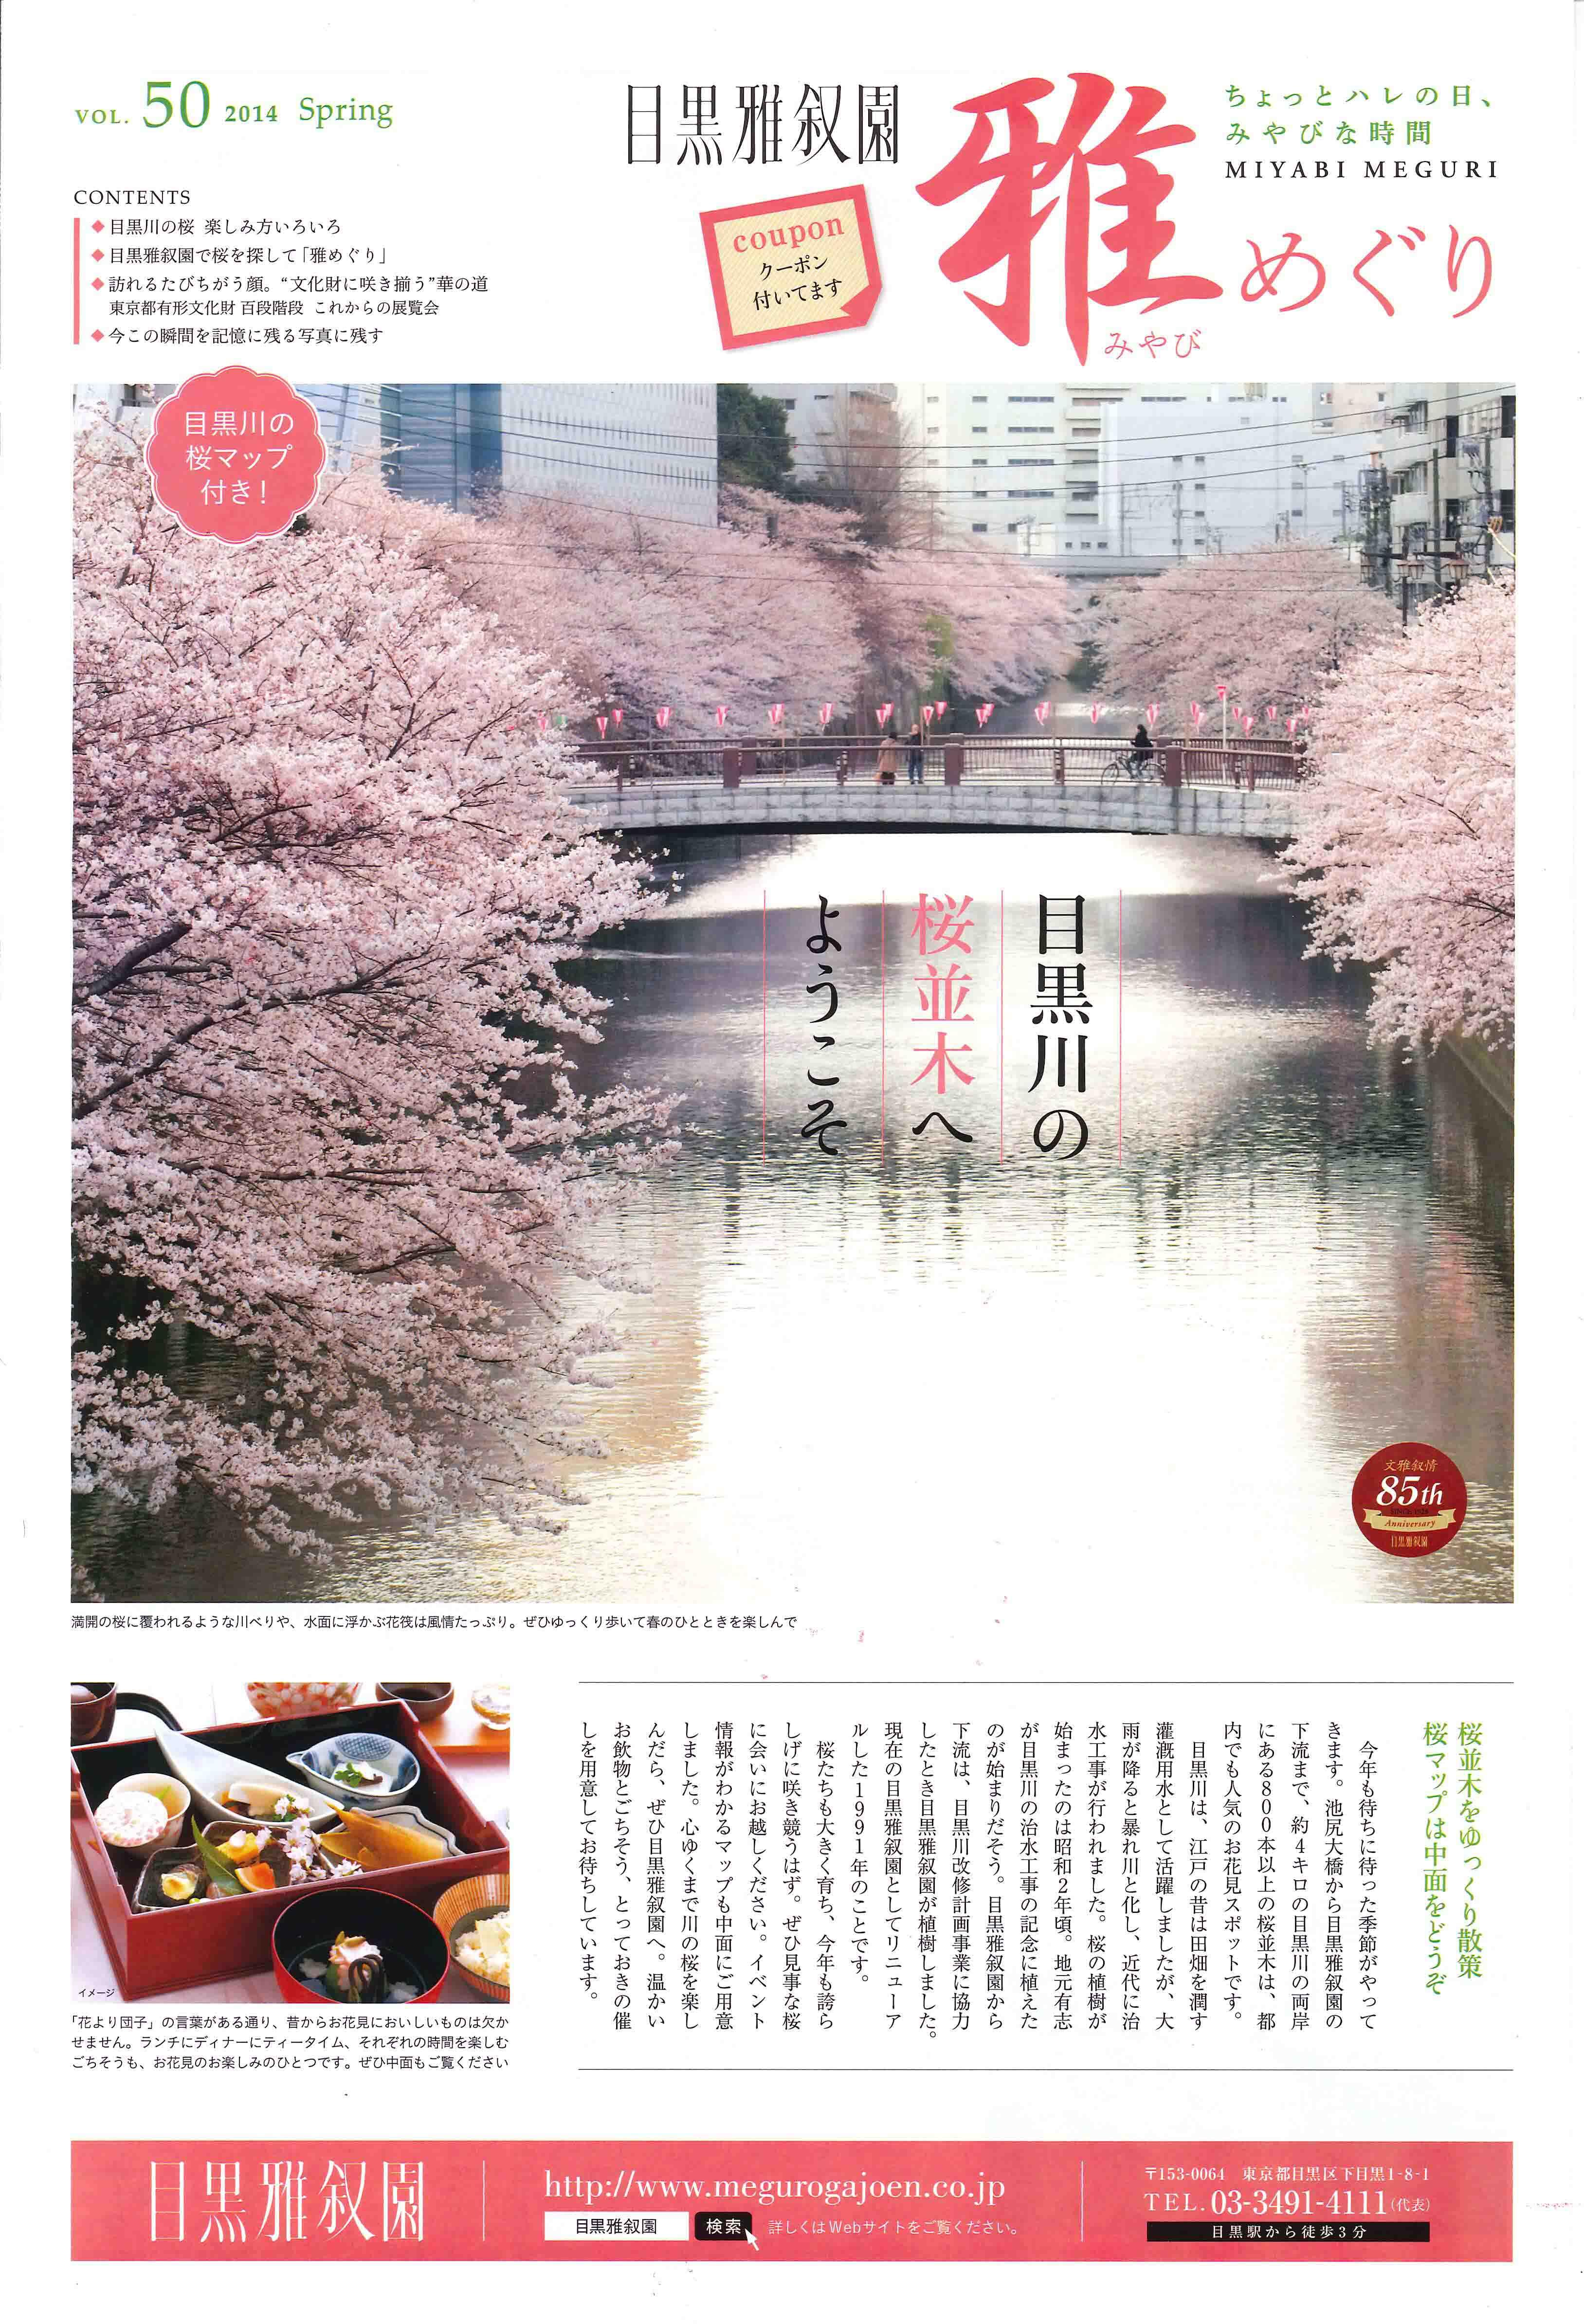 「雅めぐり」VOL.50 2014 Spring